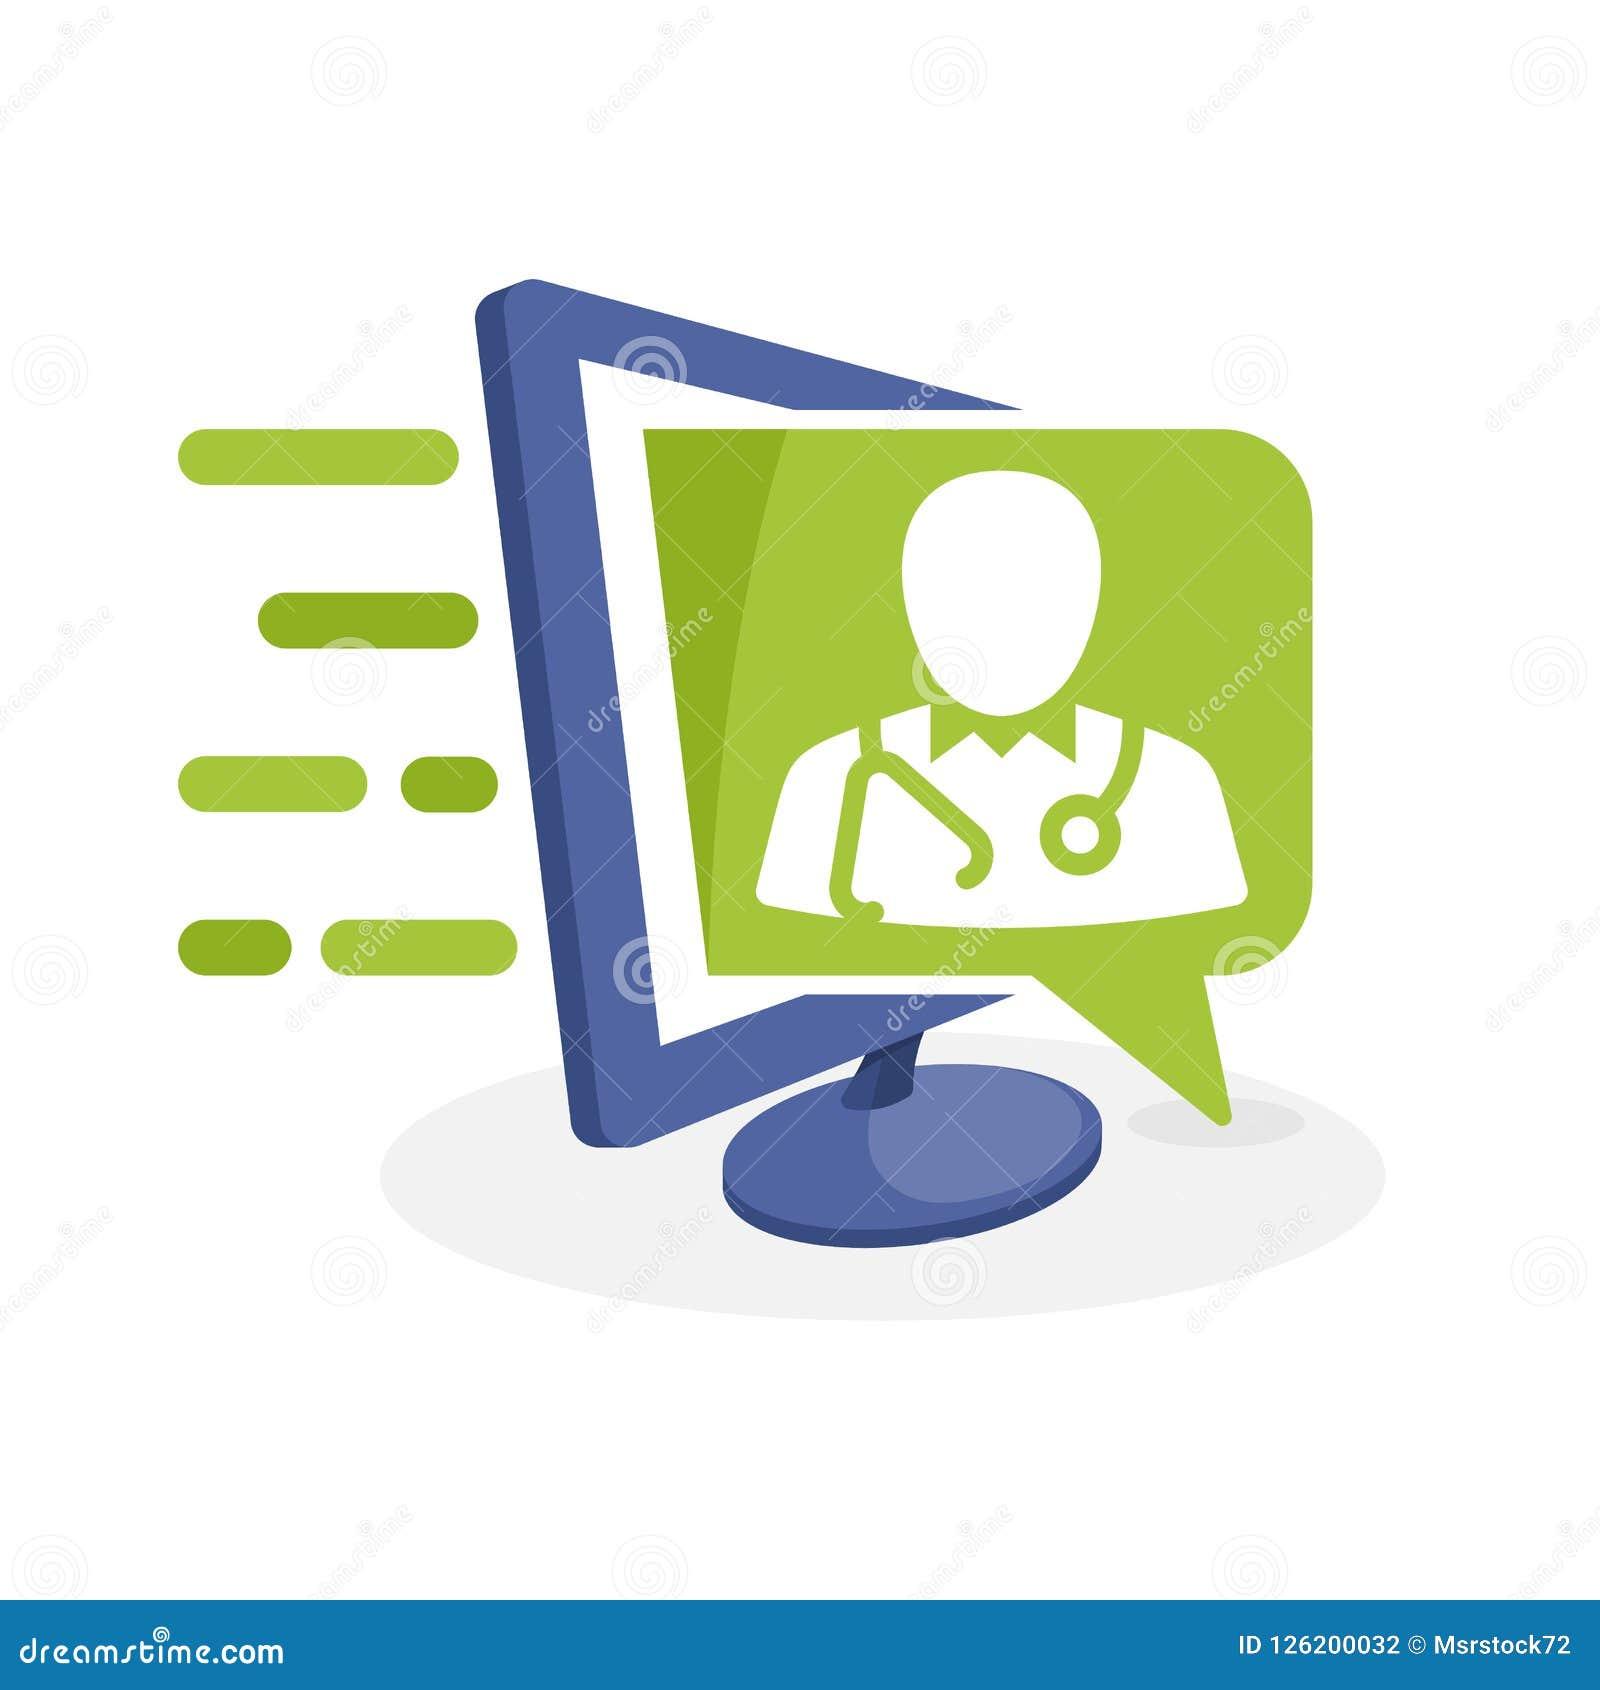 Διανυσματική απεικόνιση εικονιδίων με την ψηφιακή έννοια μέσων για τις πληροφορίες υγείας